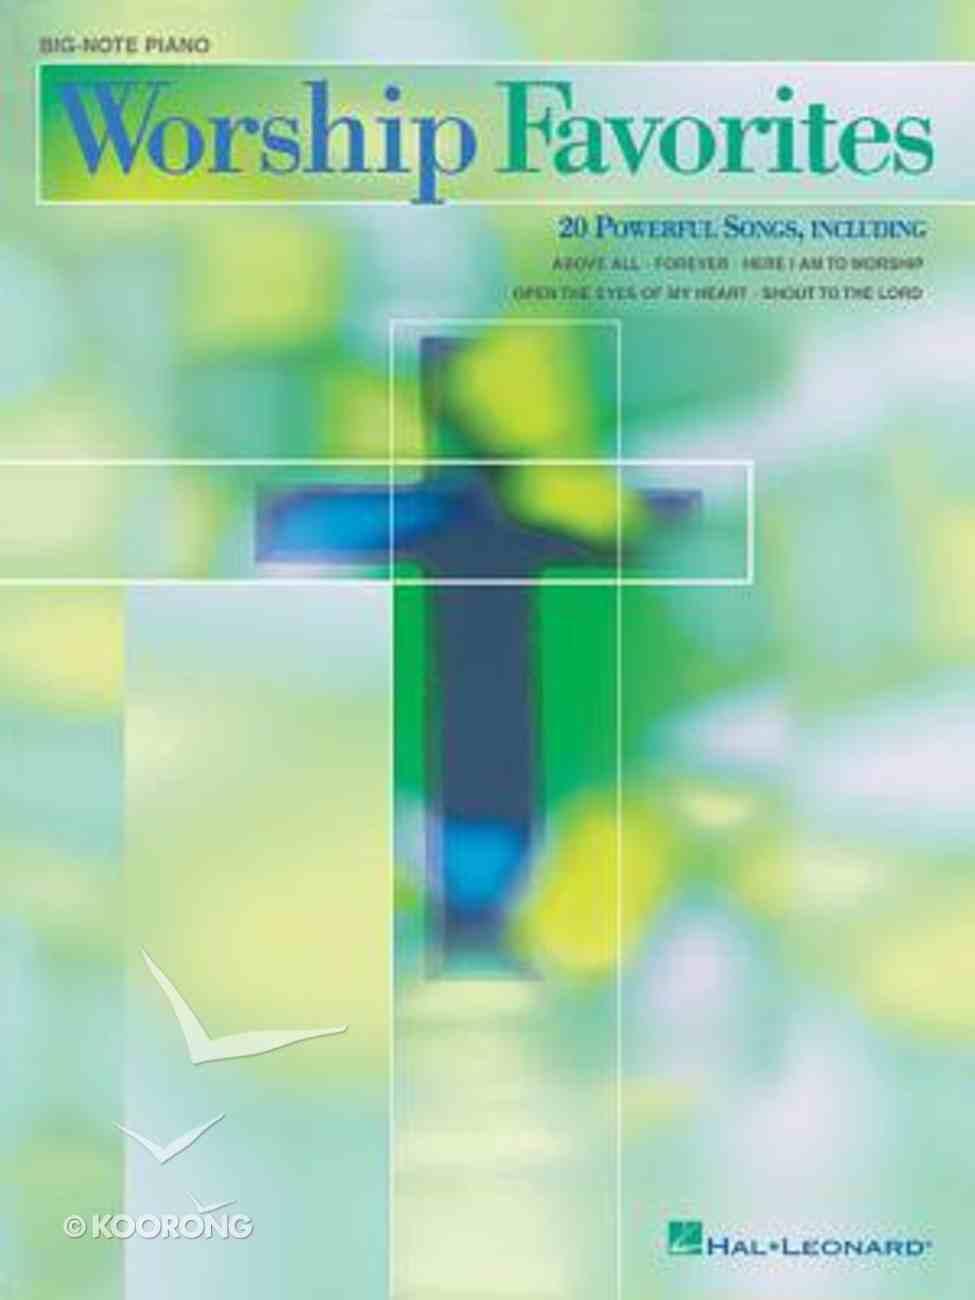 Big-Note Piano Worship Favorites (Music Book) Paperback